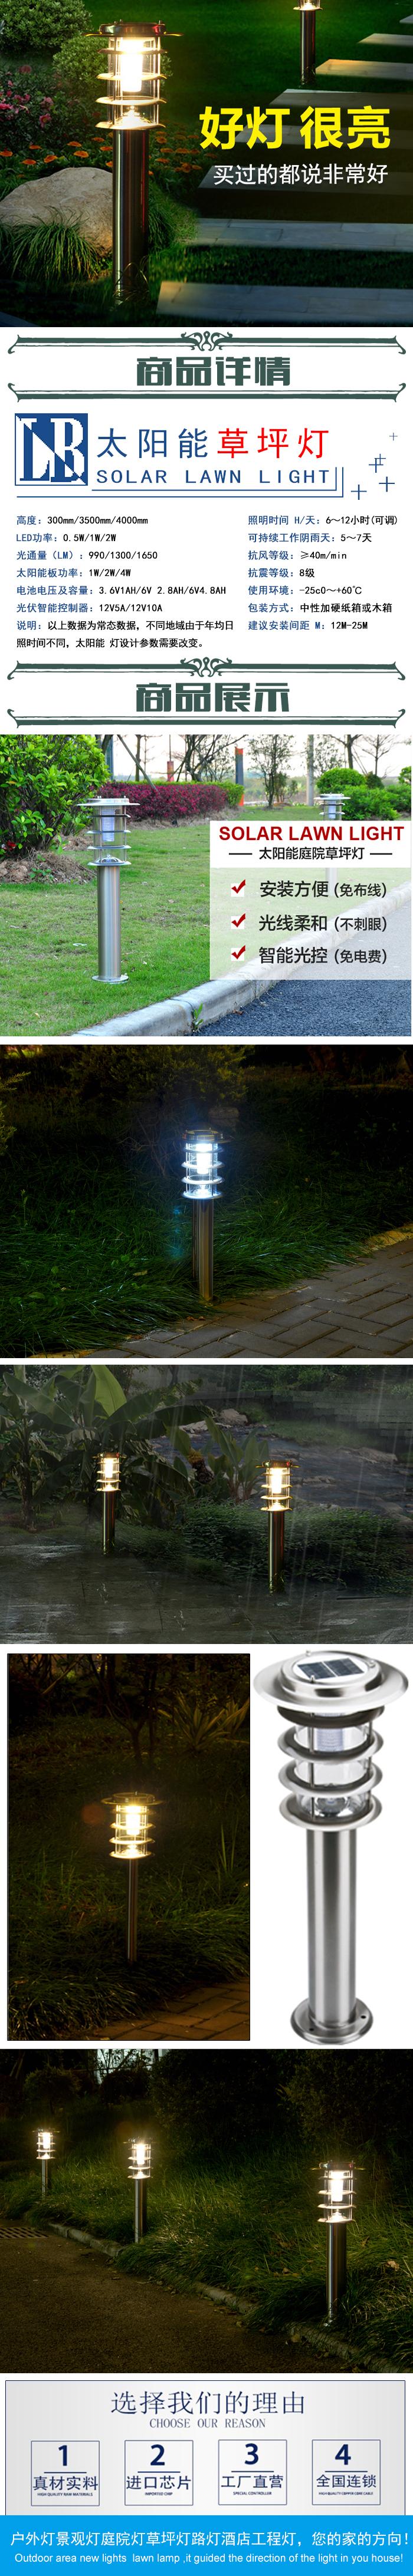 亮标草坪灯yngfld01